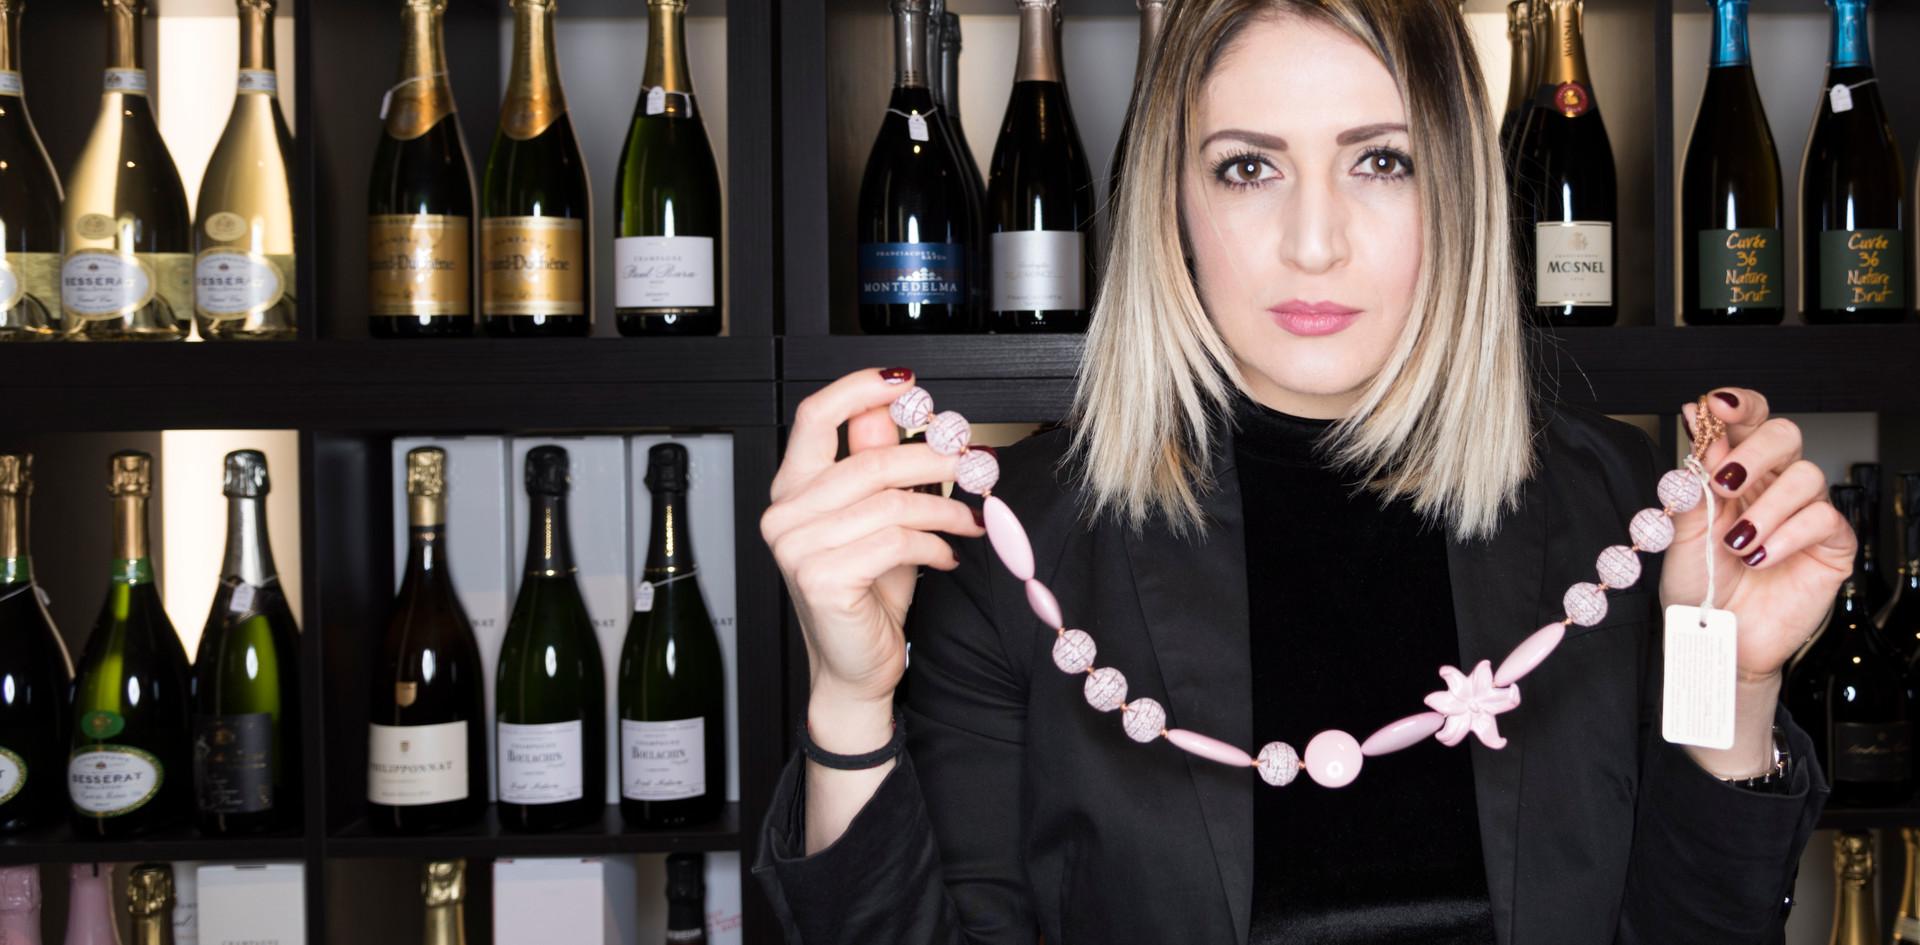 festa di primavera 2018 collane bracciali orecchini per tuttele occasioni amici festa.jpg